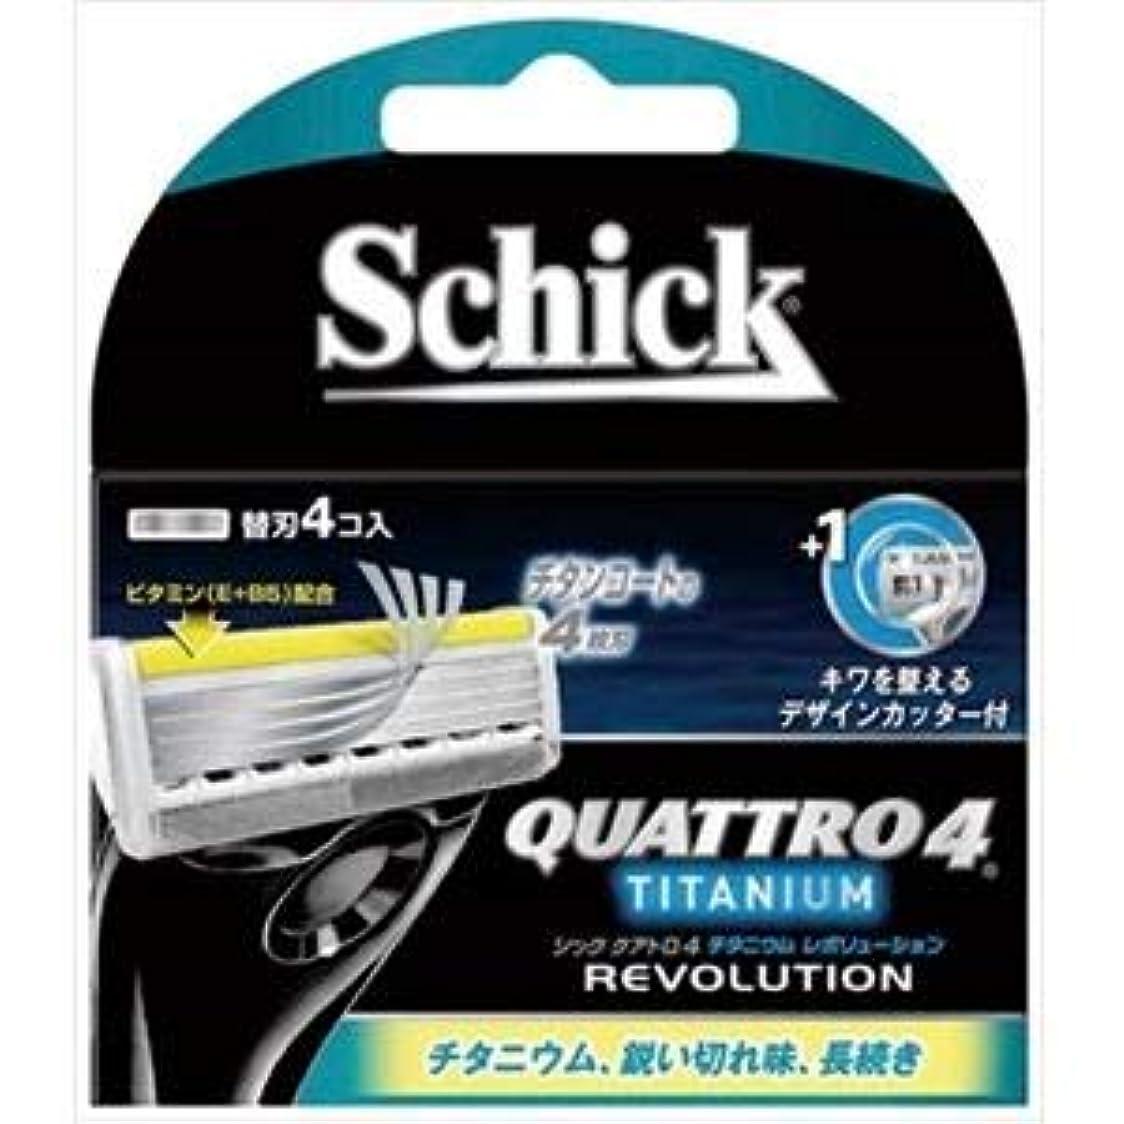 自明エンディングステンレス(まとめ)シック(Schick) クアトロ4チタニウムレボリューション替刃(4コ入) 【×3点セット】